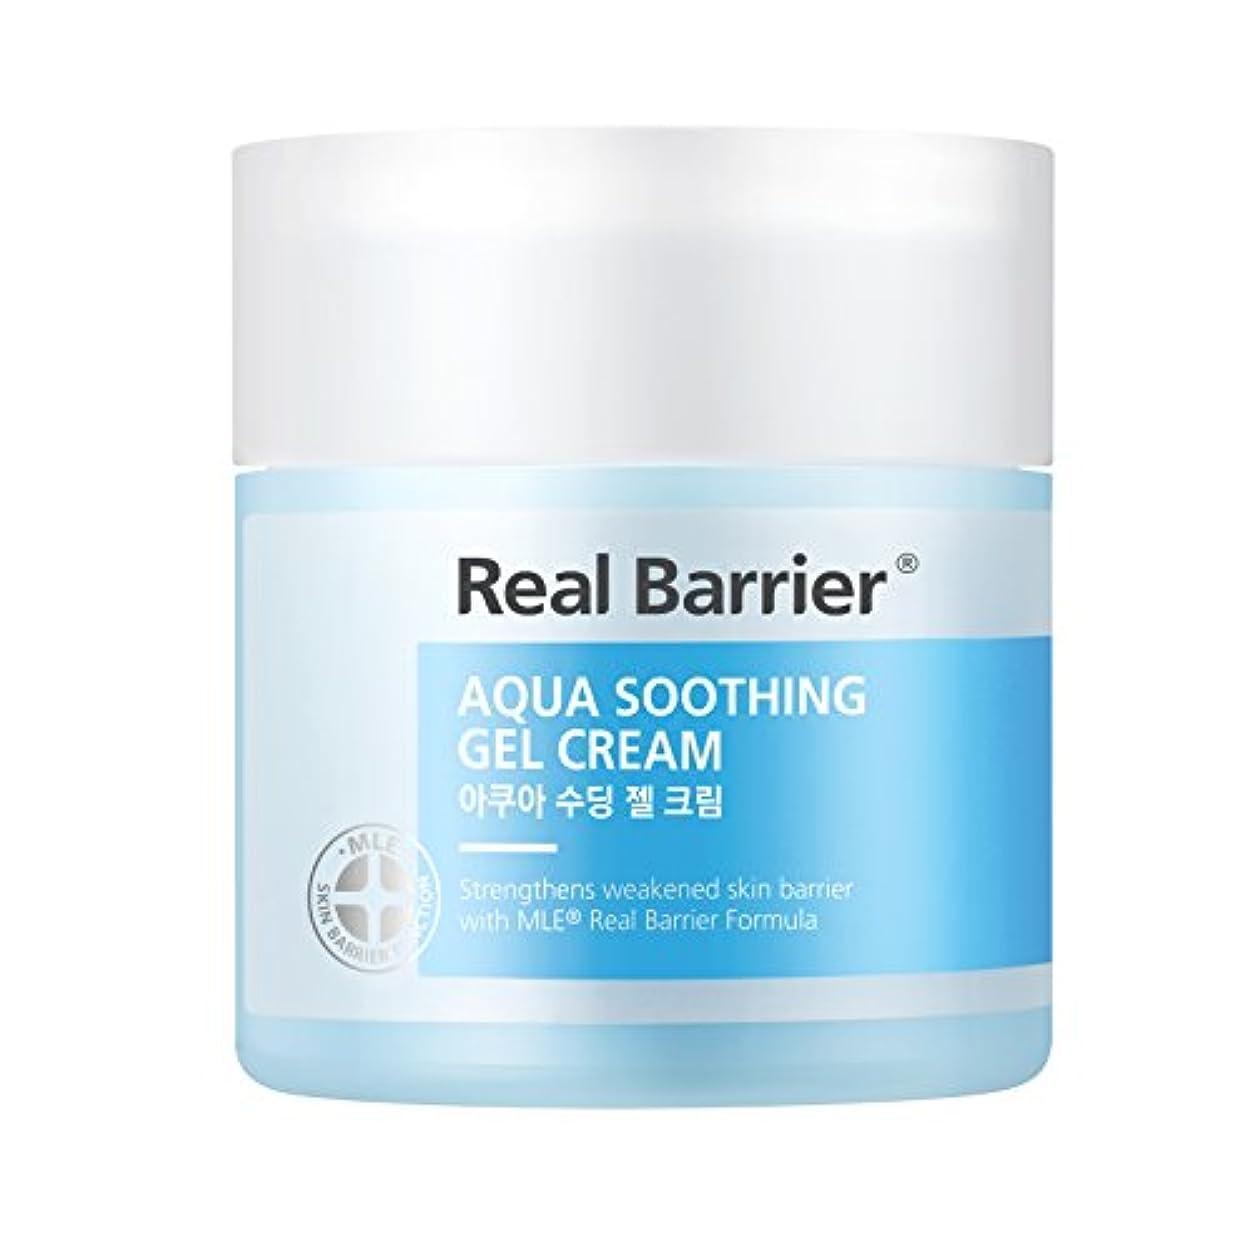 私達オアシス近似Neopharm リアルバリア アクア リリーフ ジェル クリーム Real Barrier AQUA Relief Gel Cream ATOPALM